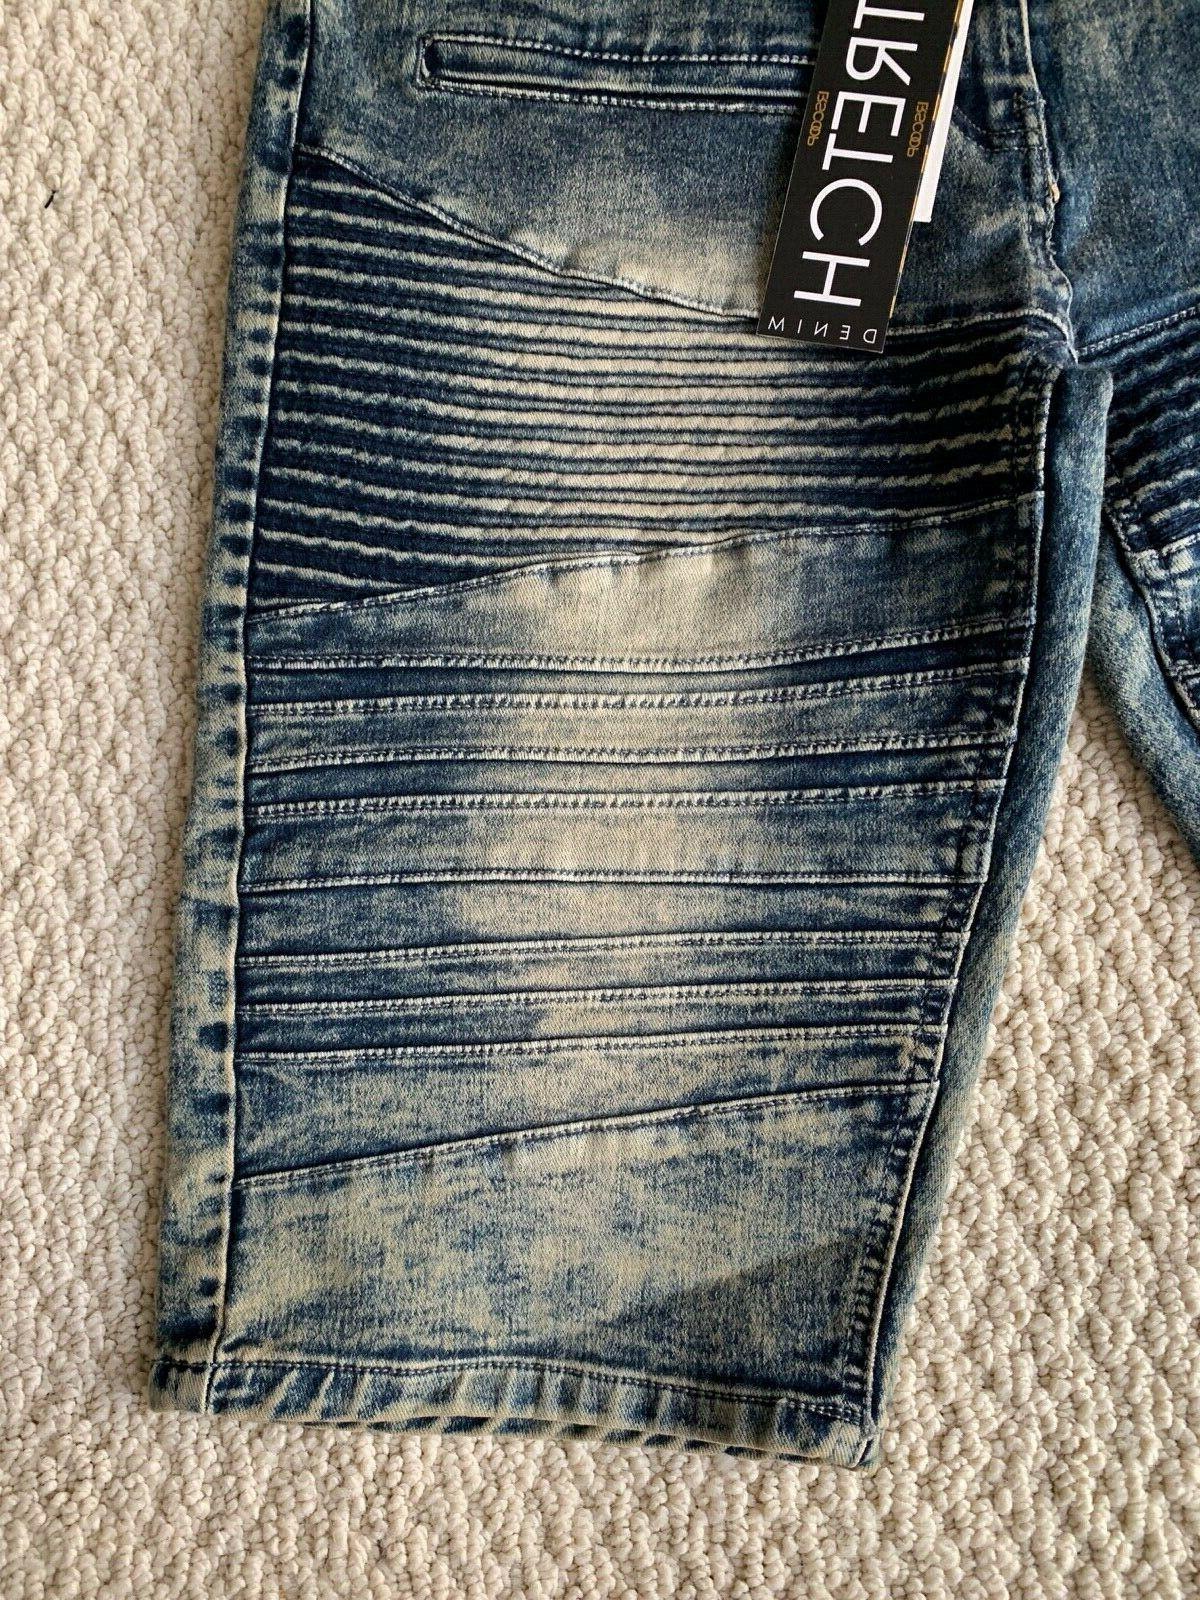 NWT Men's LR Scoop MHS80 Blue Moto Acid Washed Jean Shorts